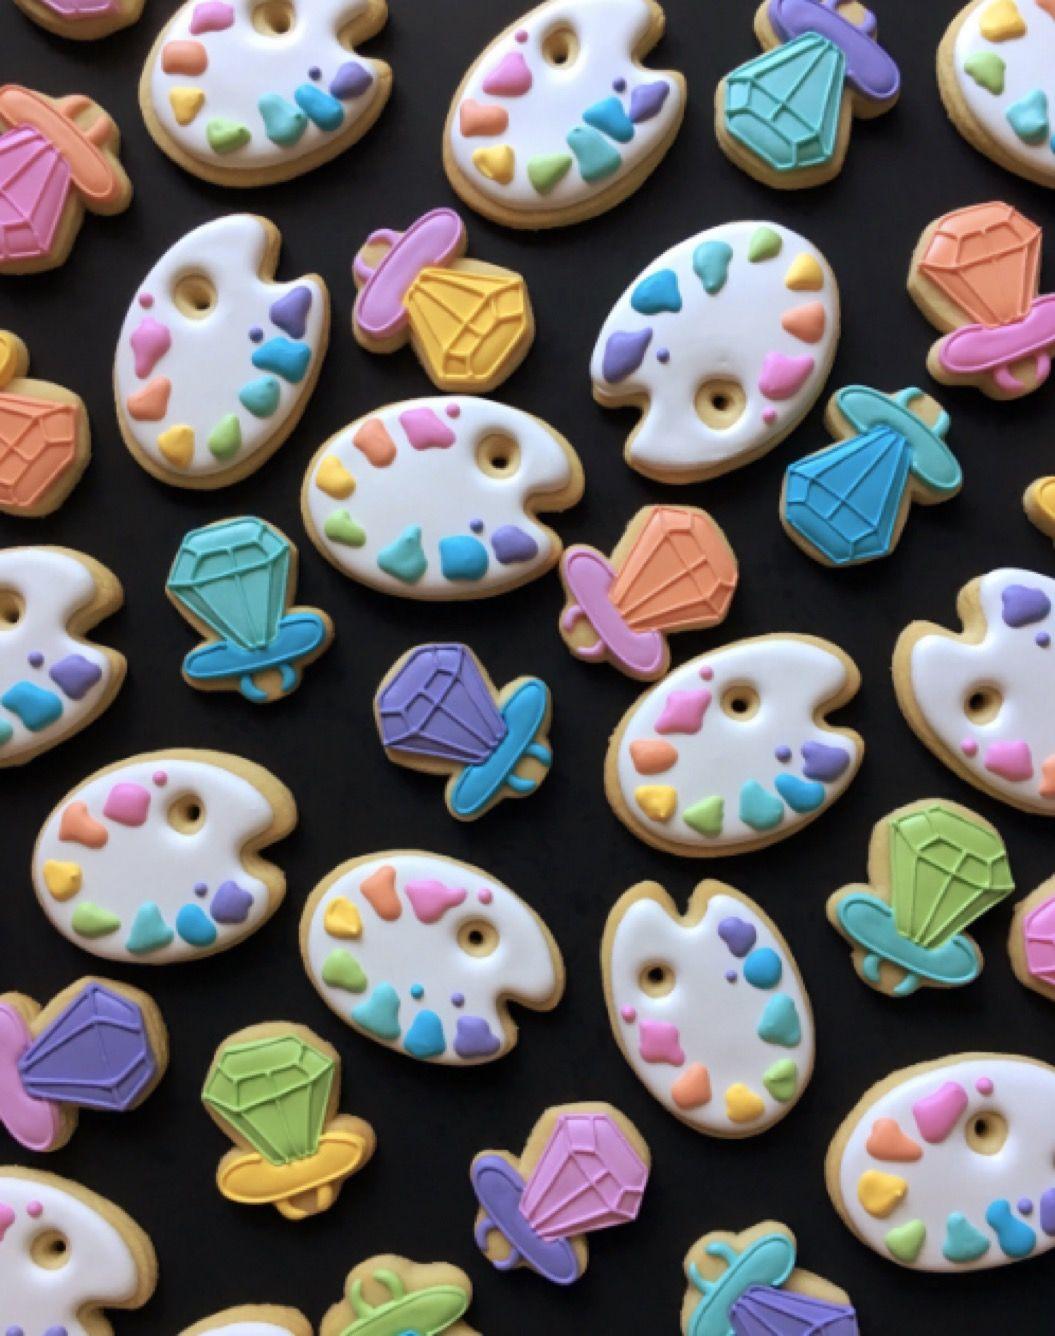 グラフィックデザイナーがアイシングクッキーを作ったら・・・